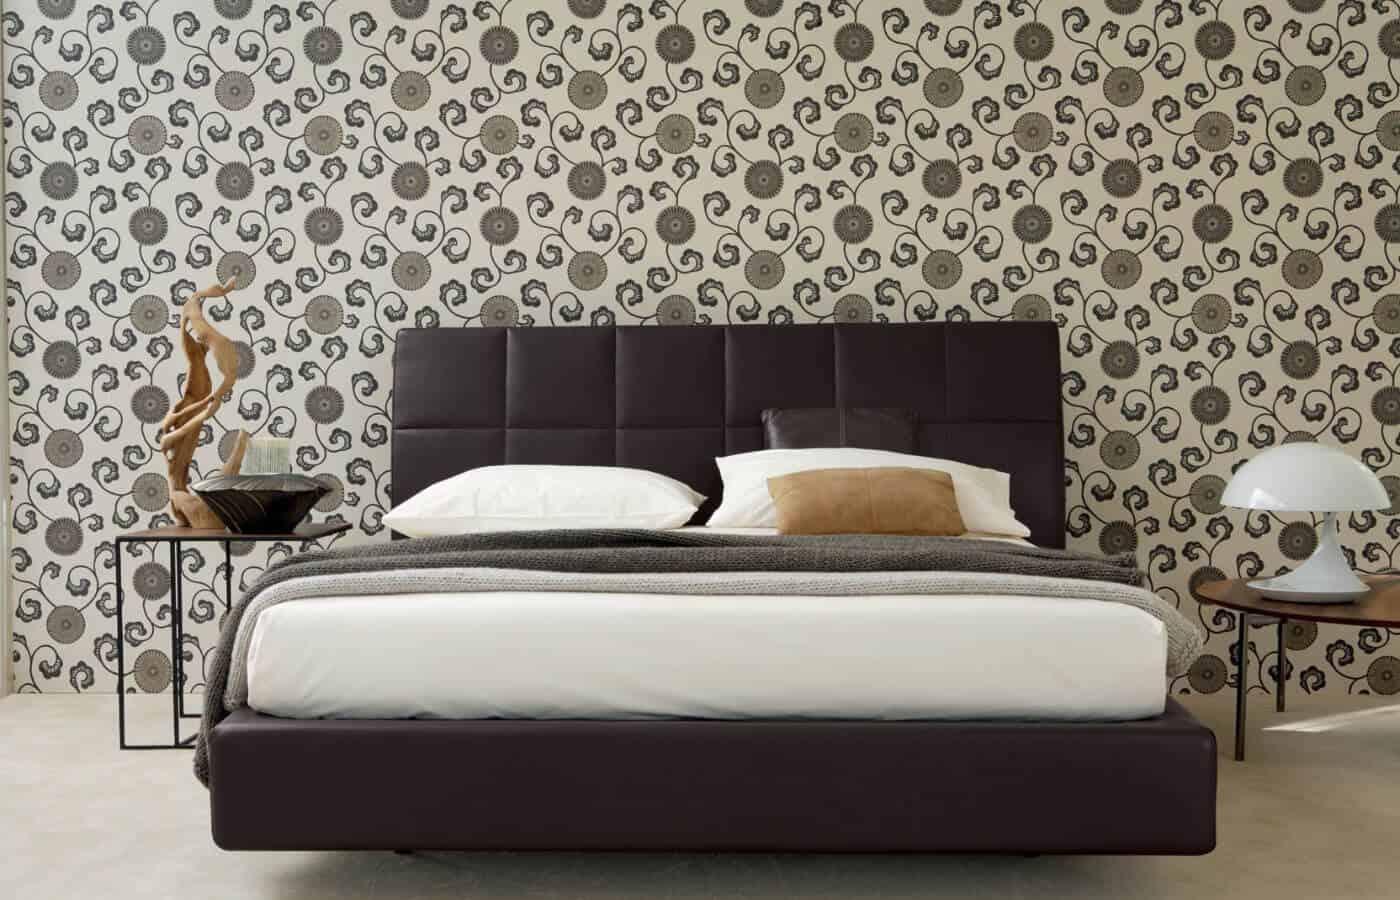 zona-notte-letto-collezione-doze-il-mobile (2)